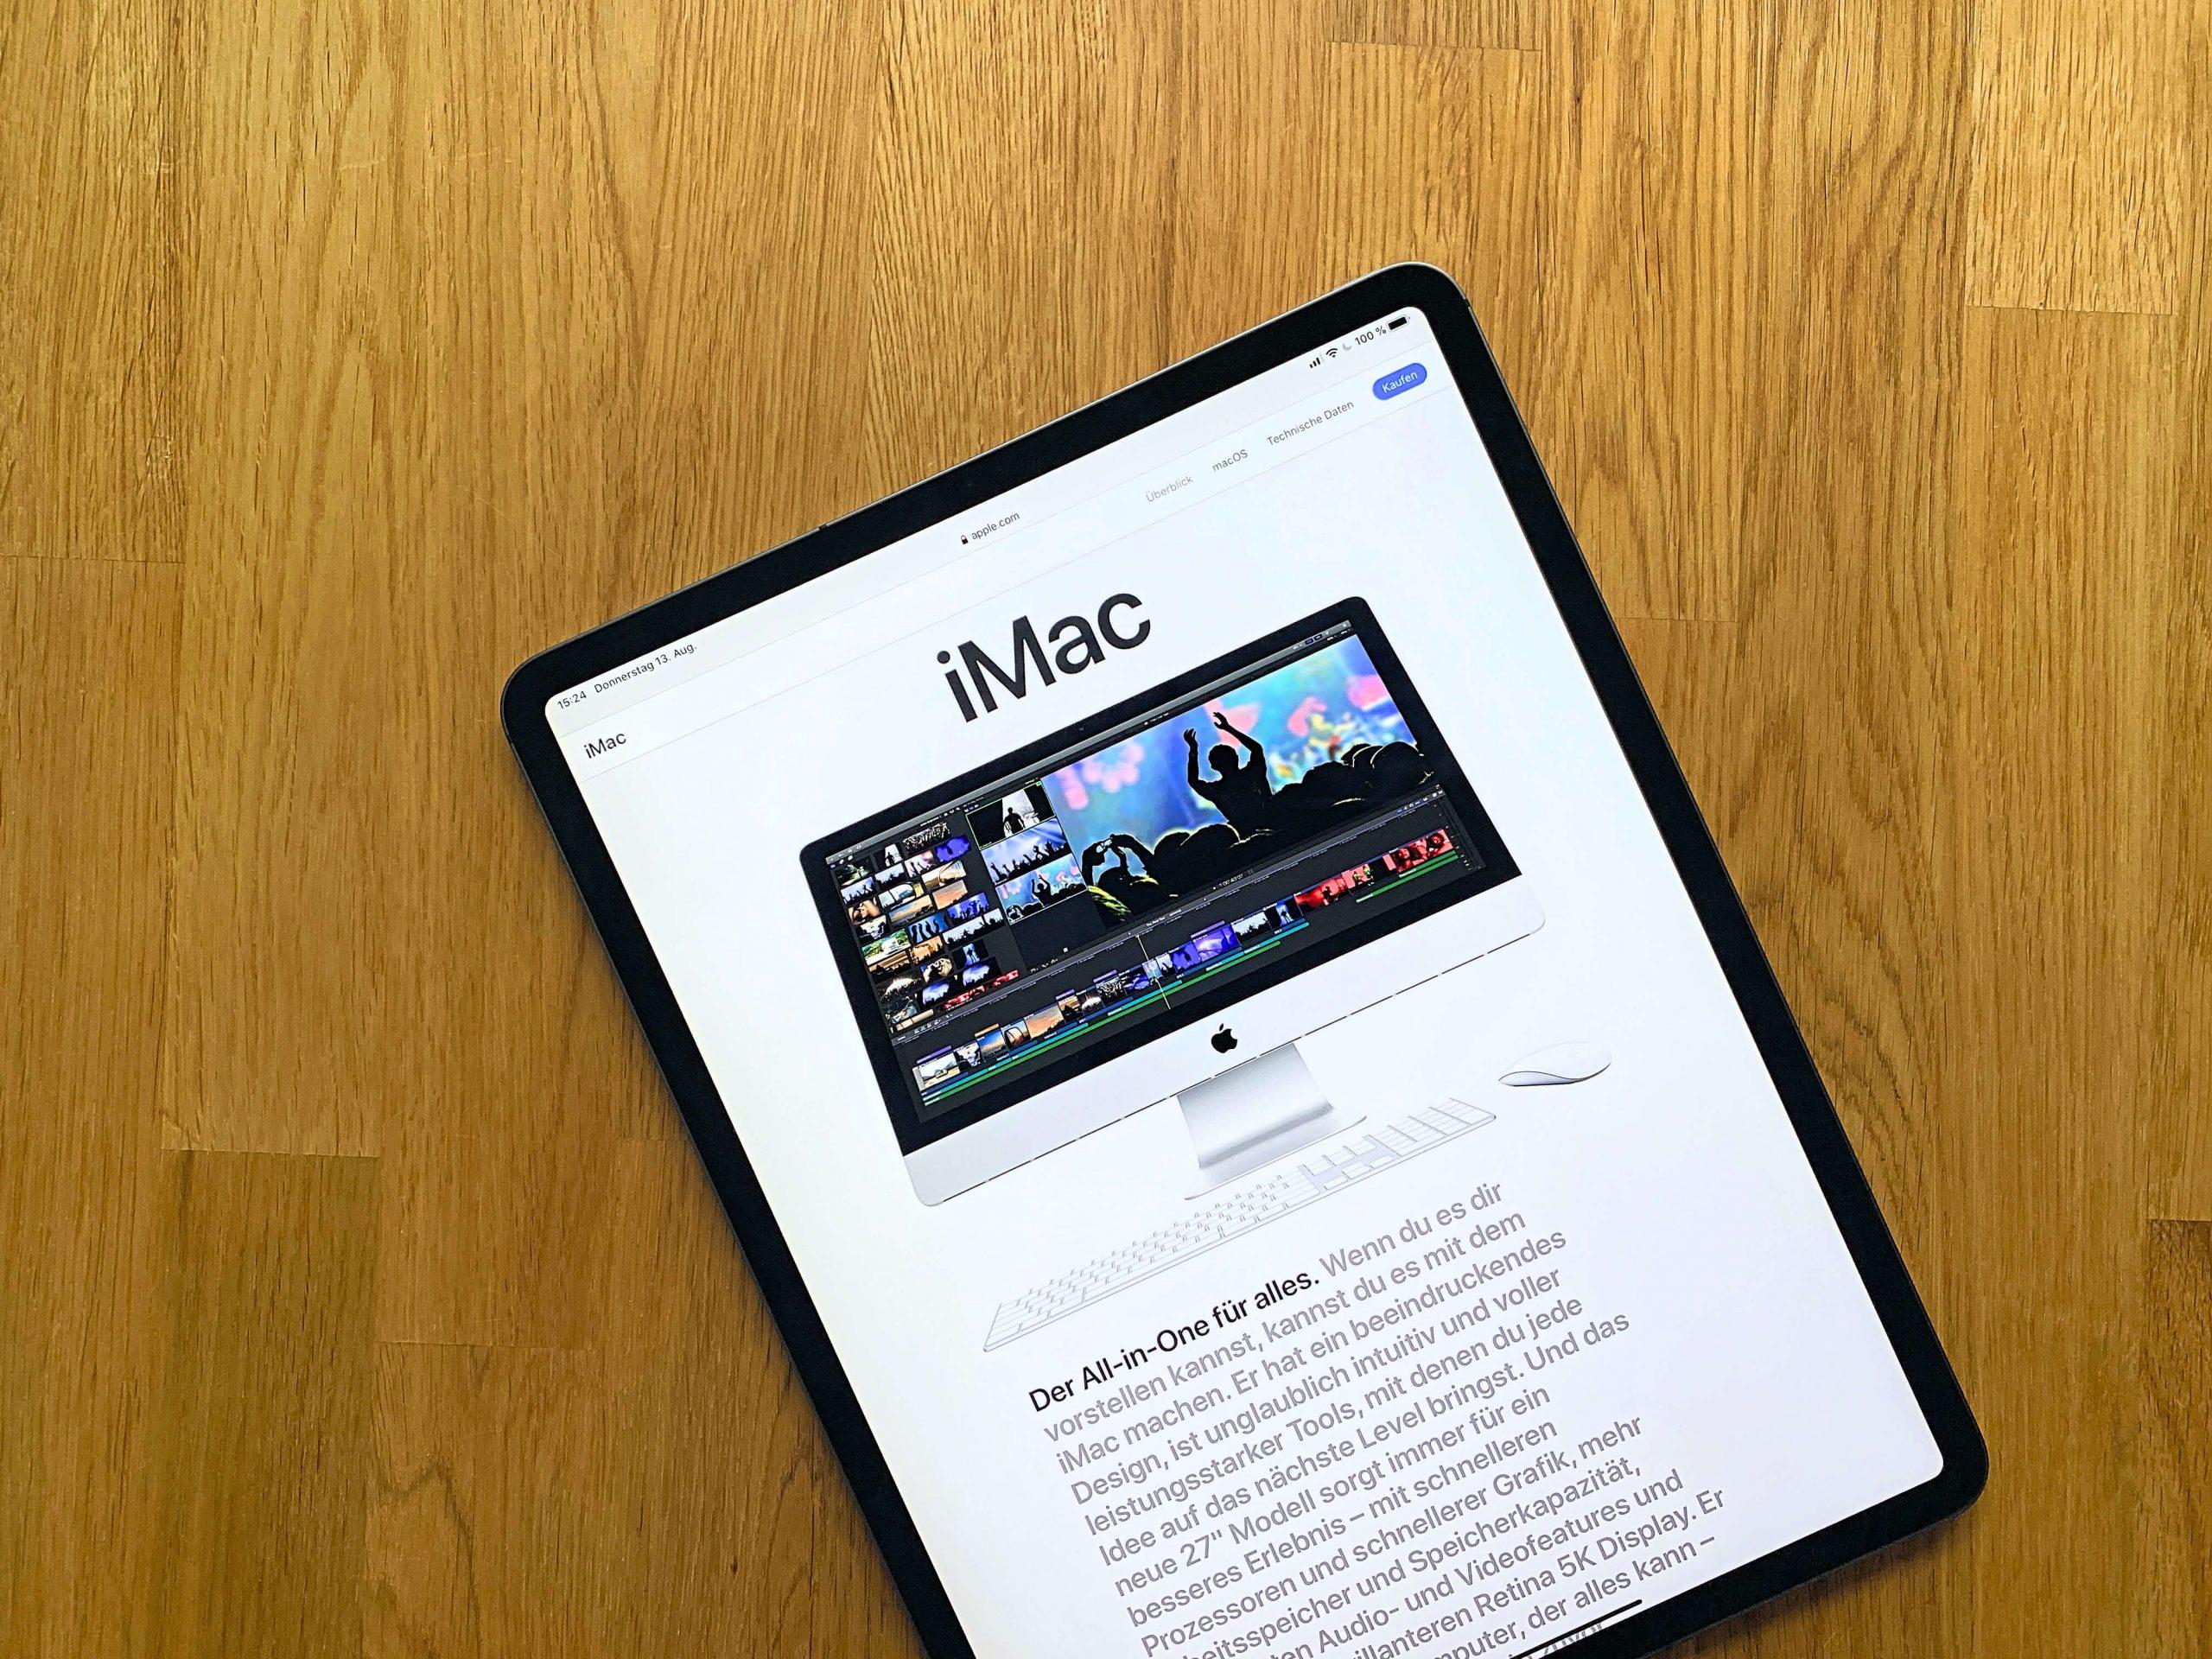 Der-Jubel-um-den-letzten-Intel-Mac-scaled Der letzte Intel-Mac